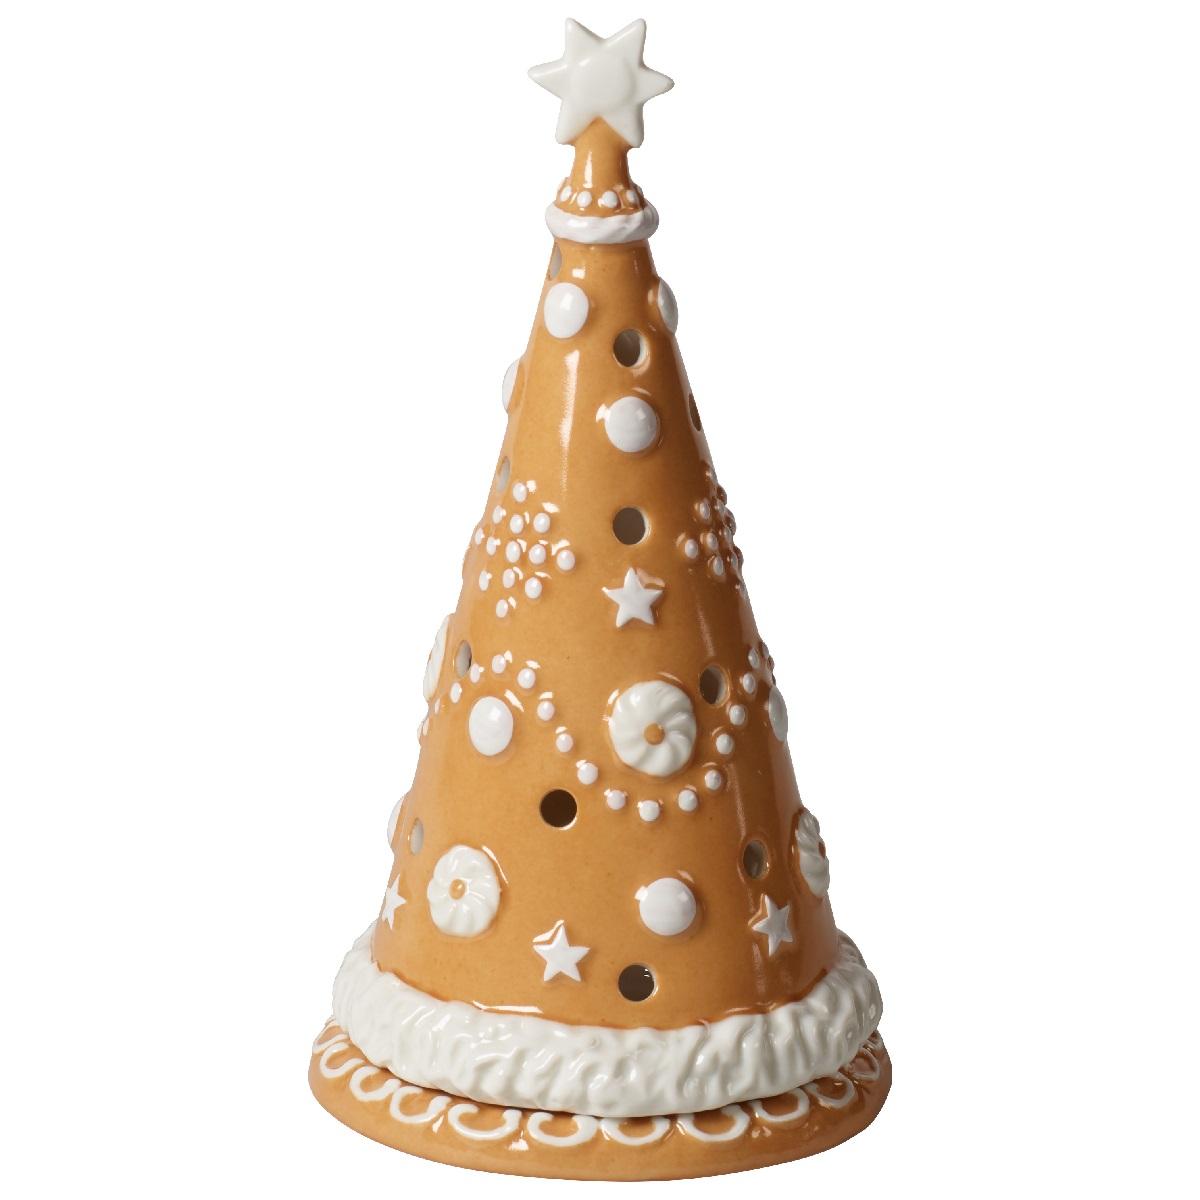 Villeroy & Boch Winter Bakery Decoration Lebkuchenbaum groß - mit Teelicht 11x11x21 cm   Dekoration > Kerzen und Kerzenständer > Teelichter   Villeroy & Boch